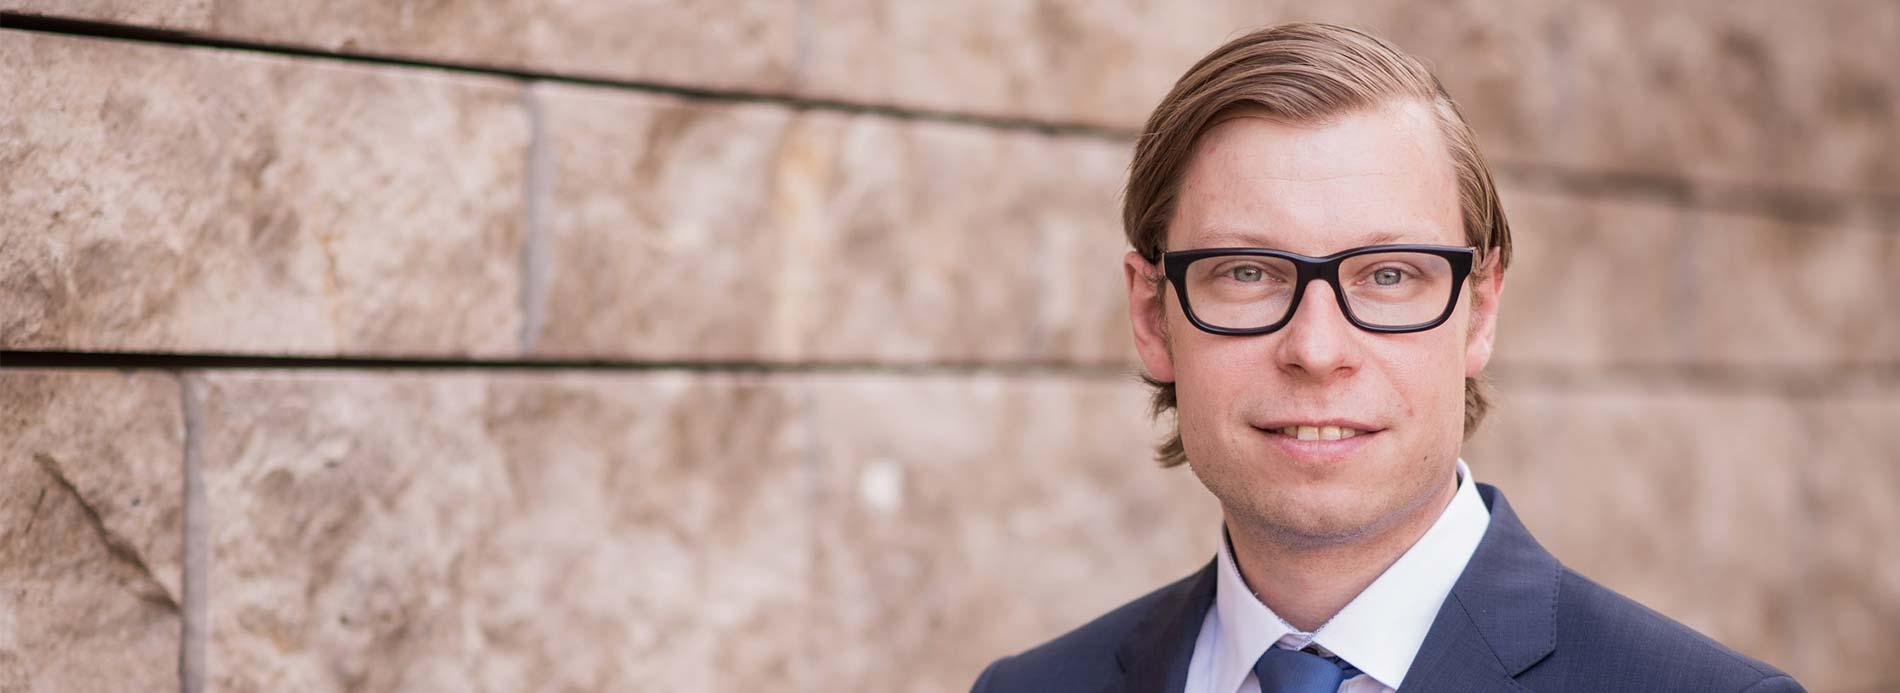 Lars Reimer - Rechtsanwalt in Regensburg